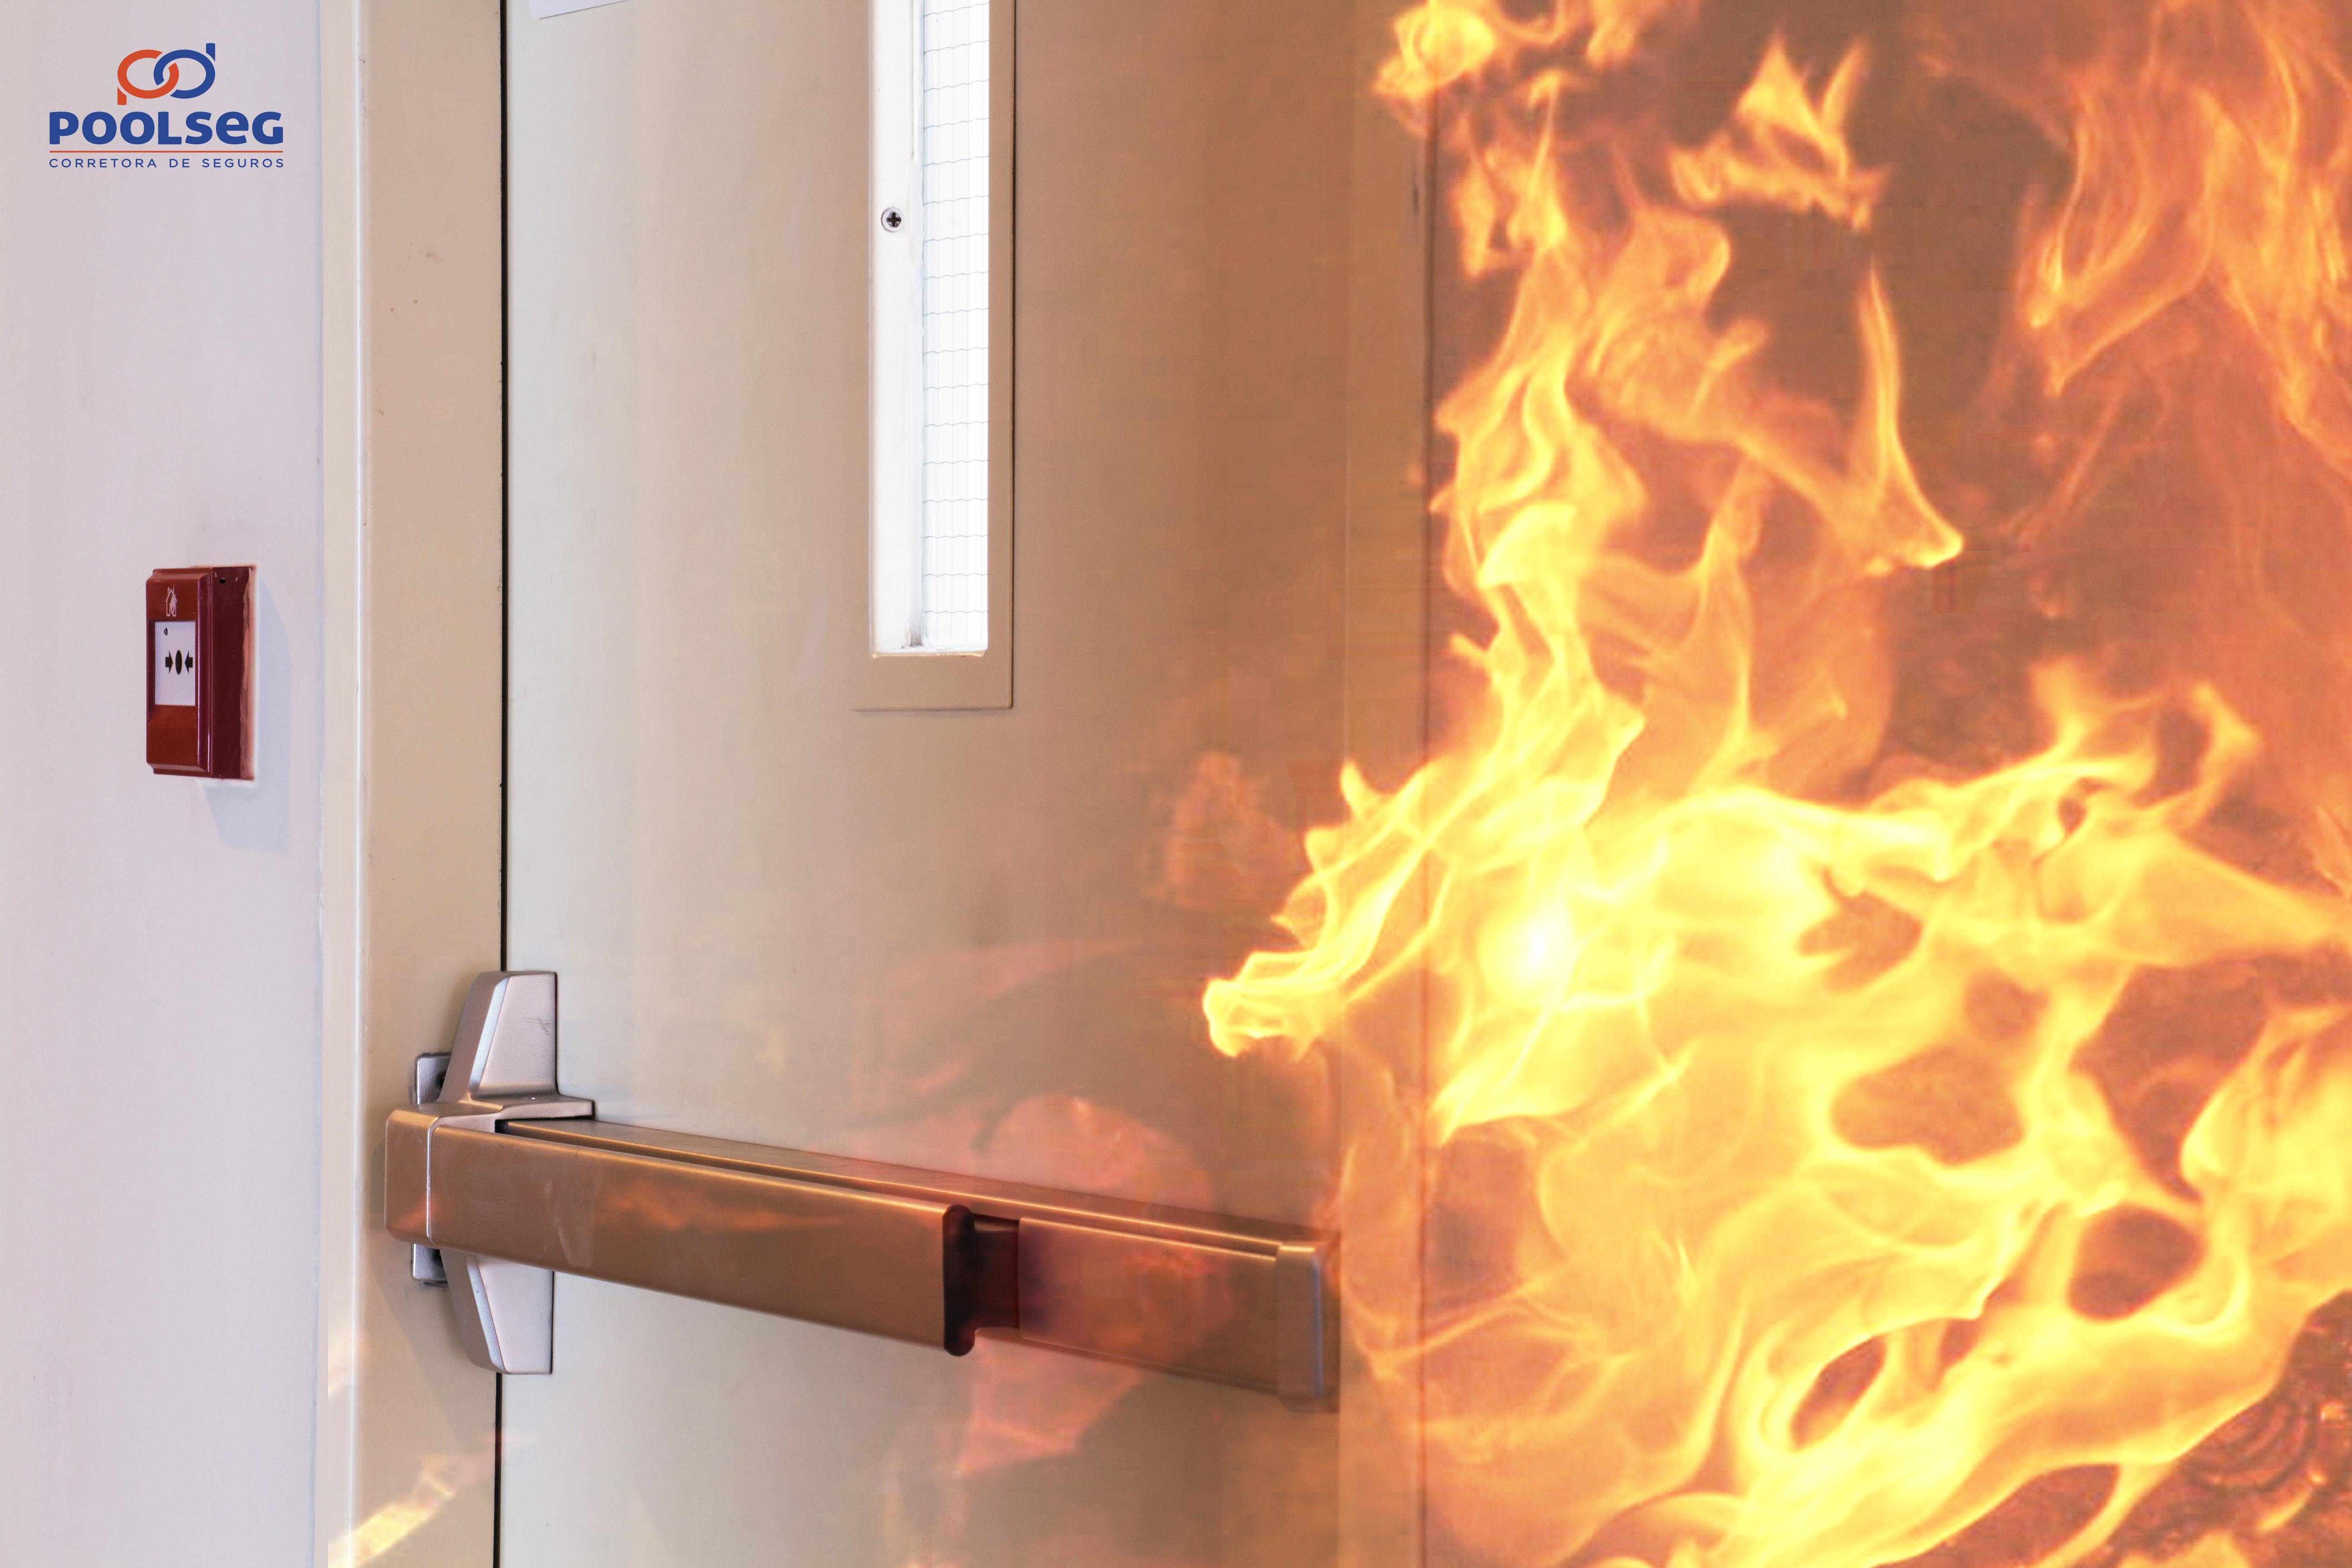 Como prevenir incêndios em empresas